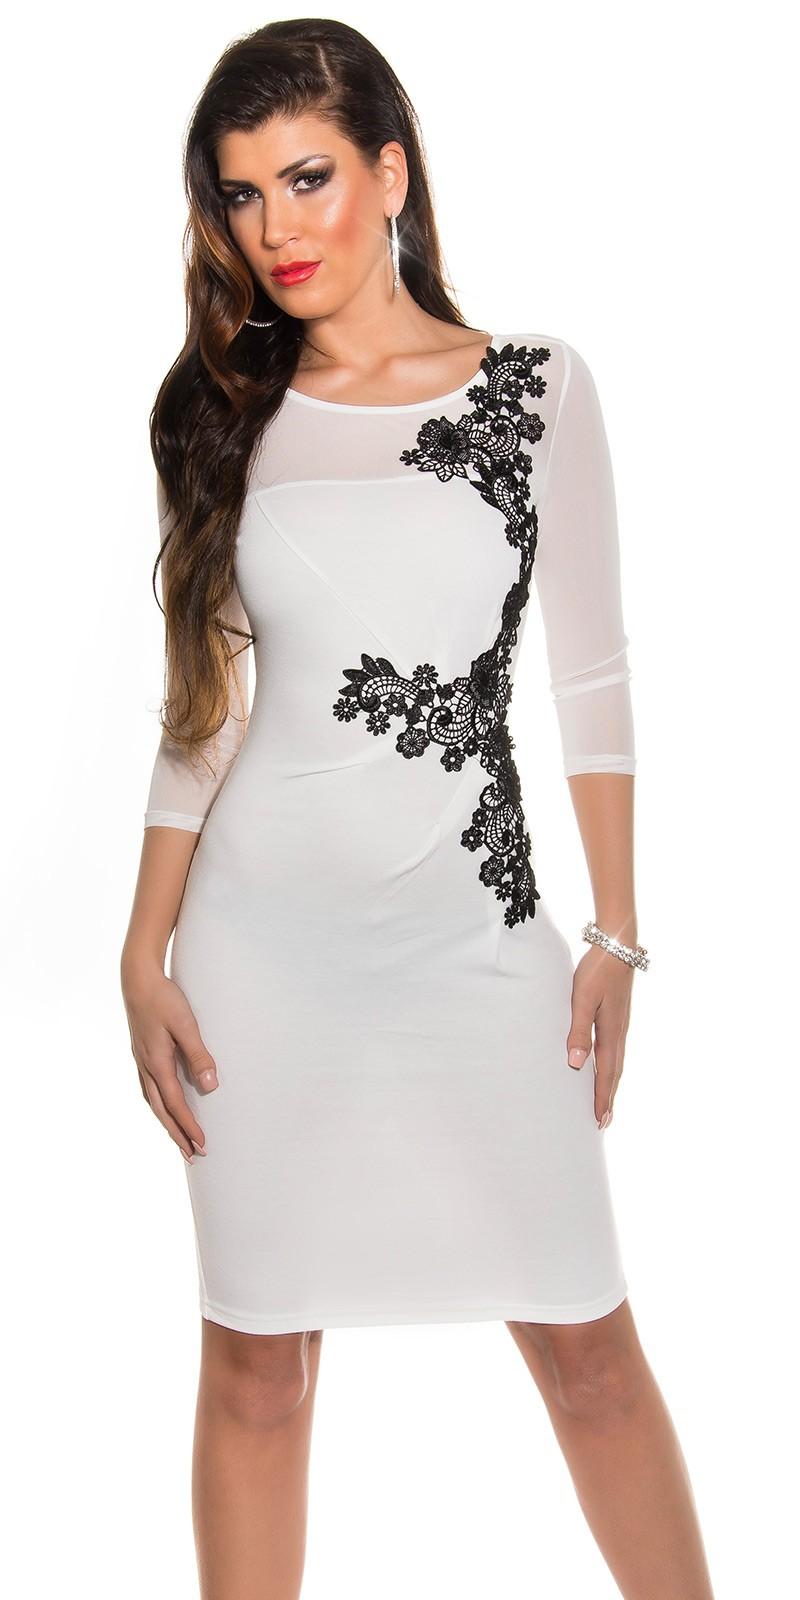 Fekete horgolt csipke díszítésű női alkalmi ruha - Fehér (40) empty b10ab31fd9